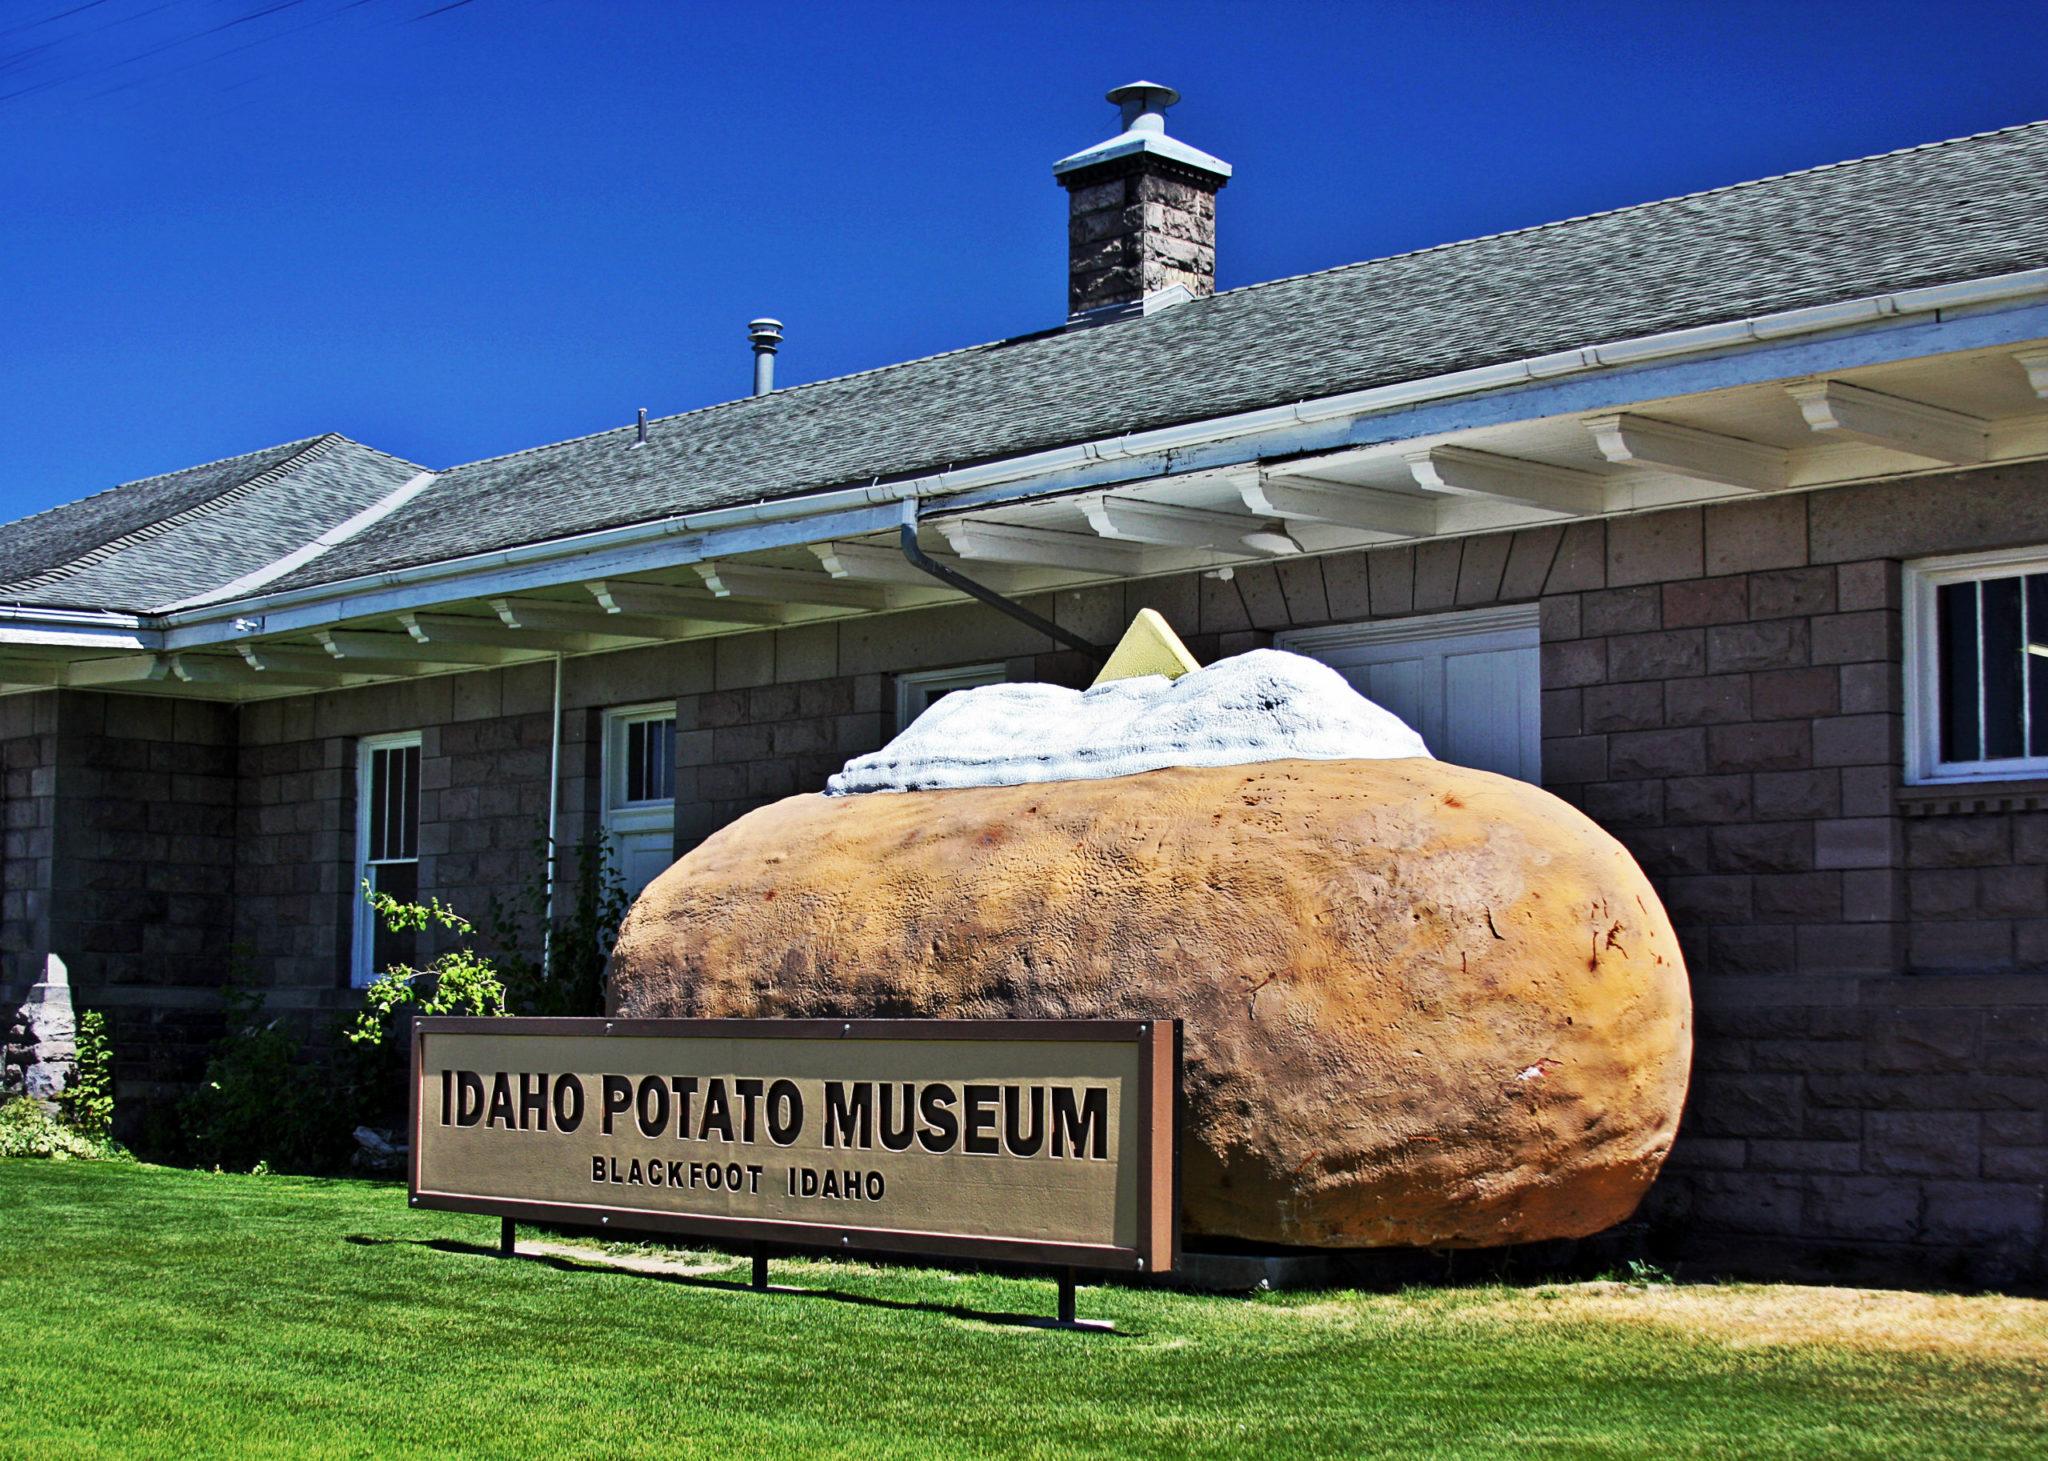 Продовольственные музеи по всему миру еда,интересное,музеи,путешествия,туризм,увлечения